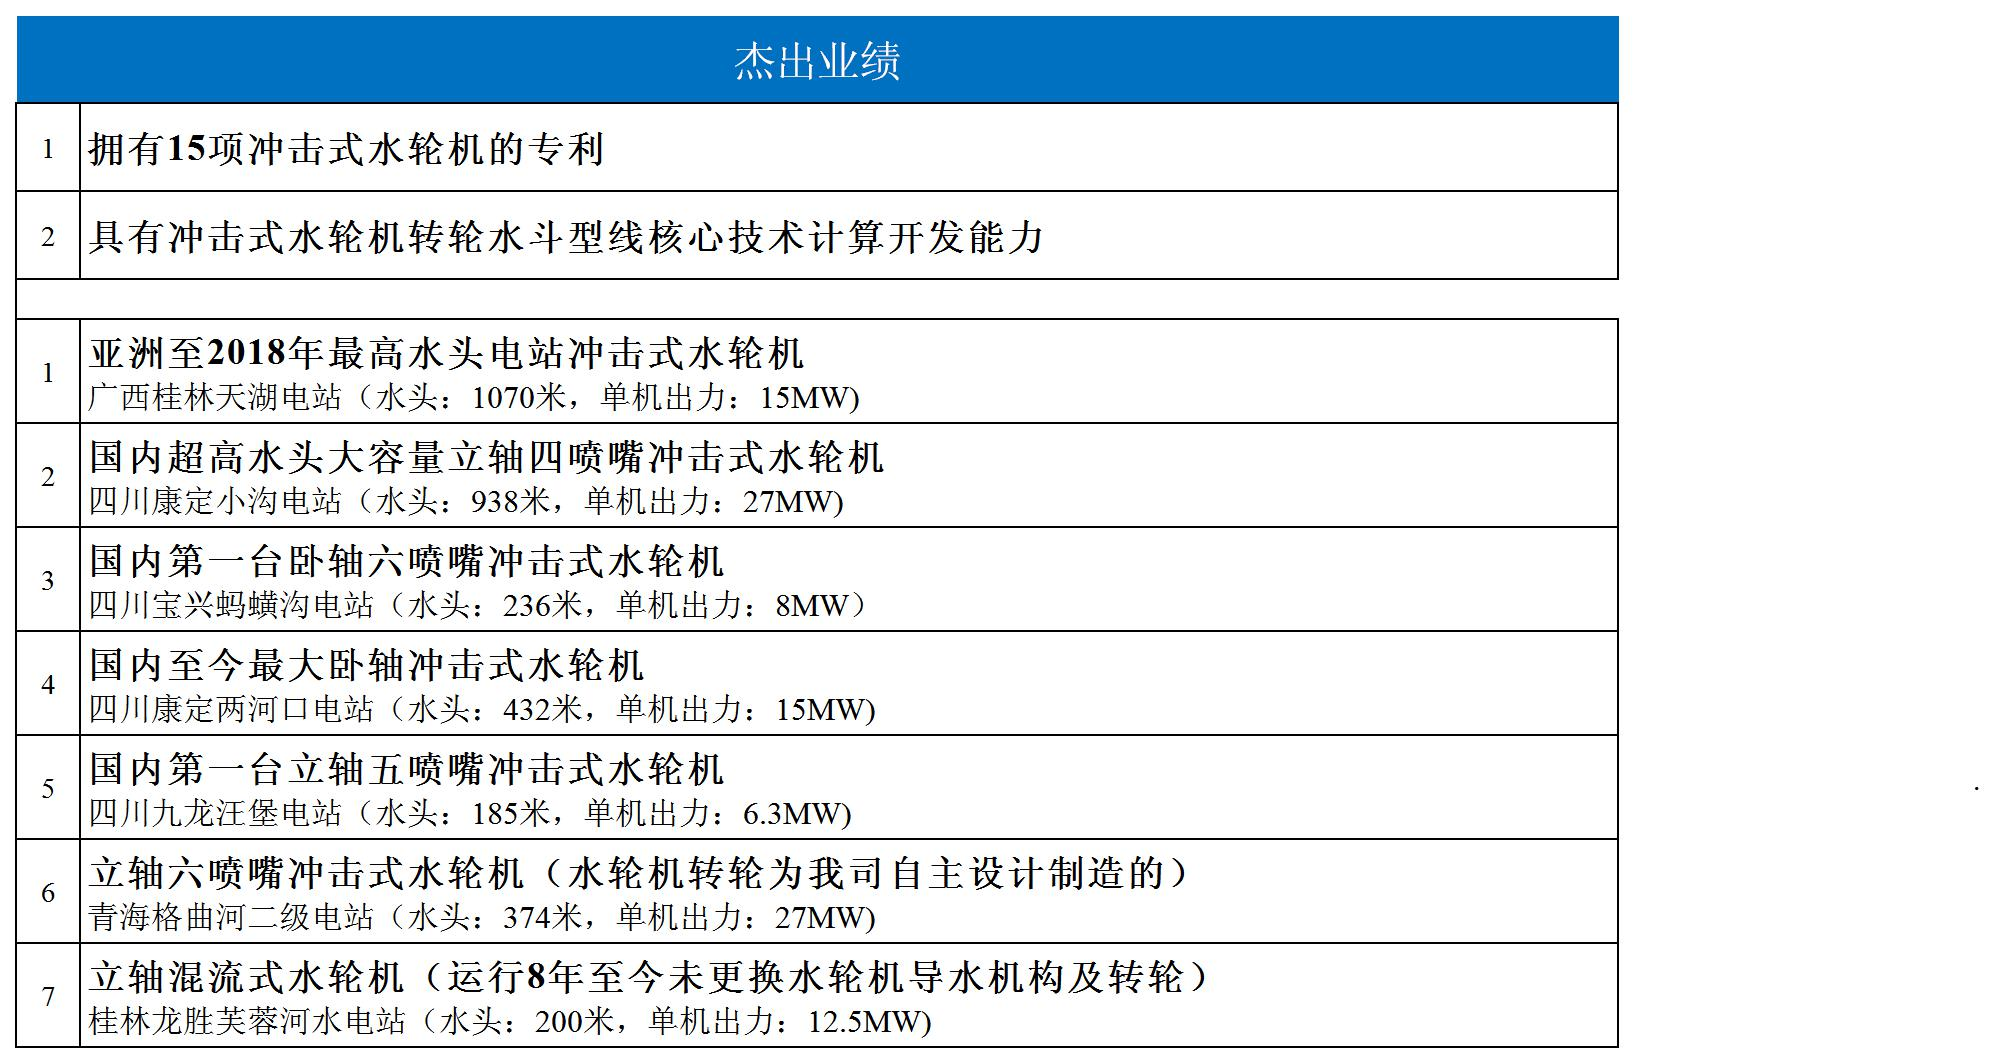 业绩表-杰出-中文.jpg